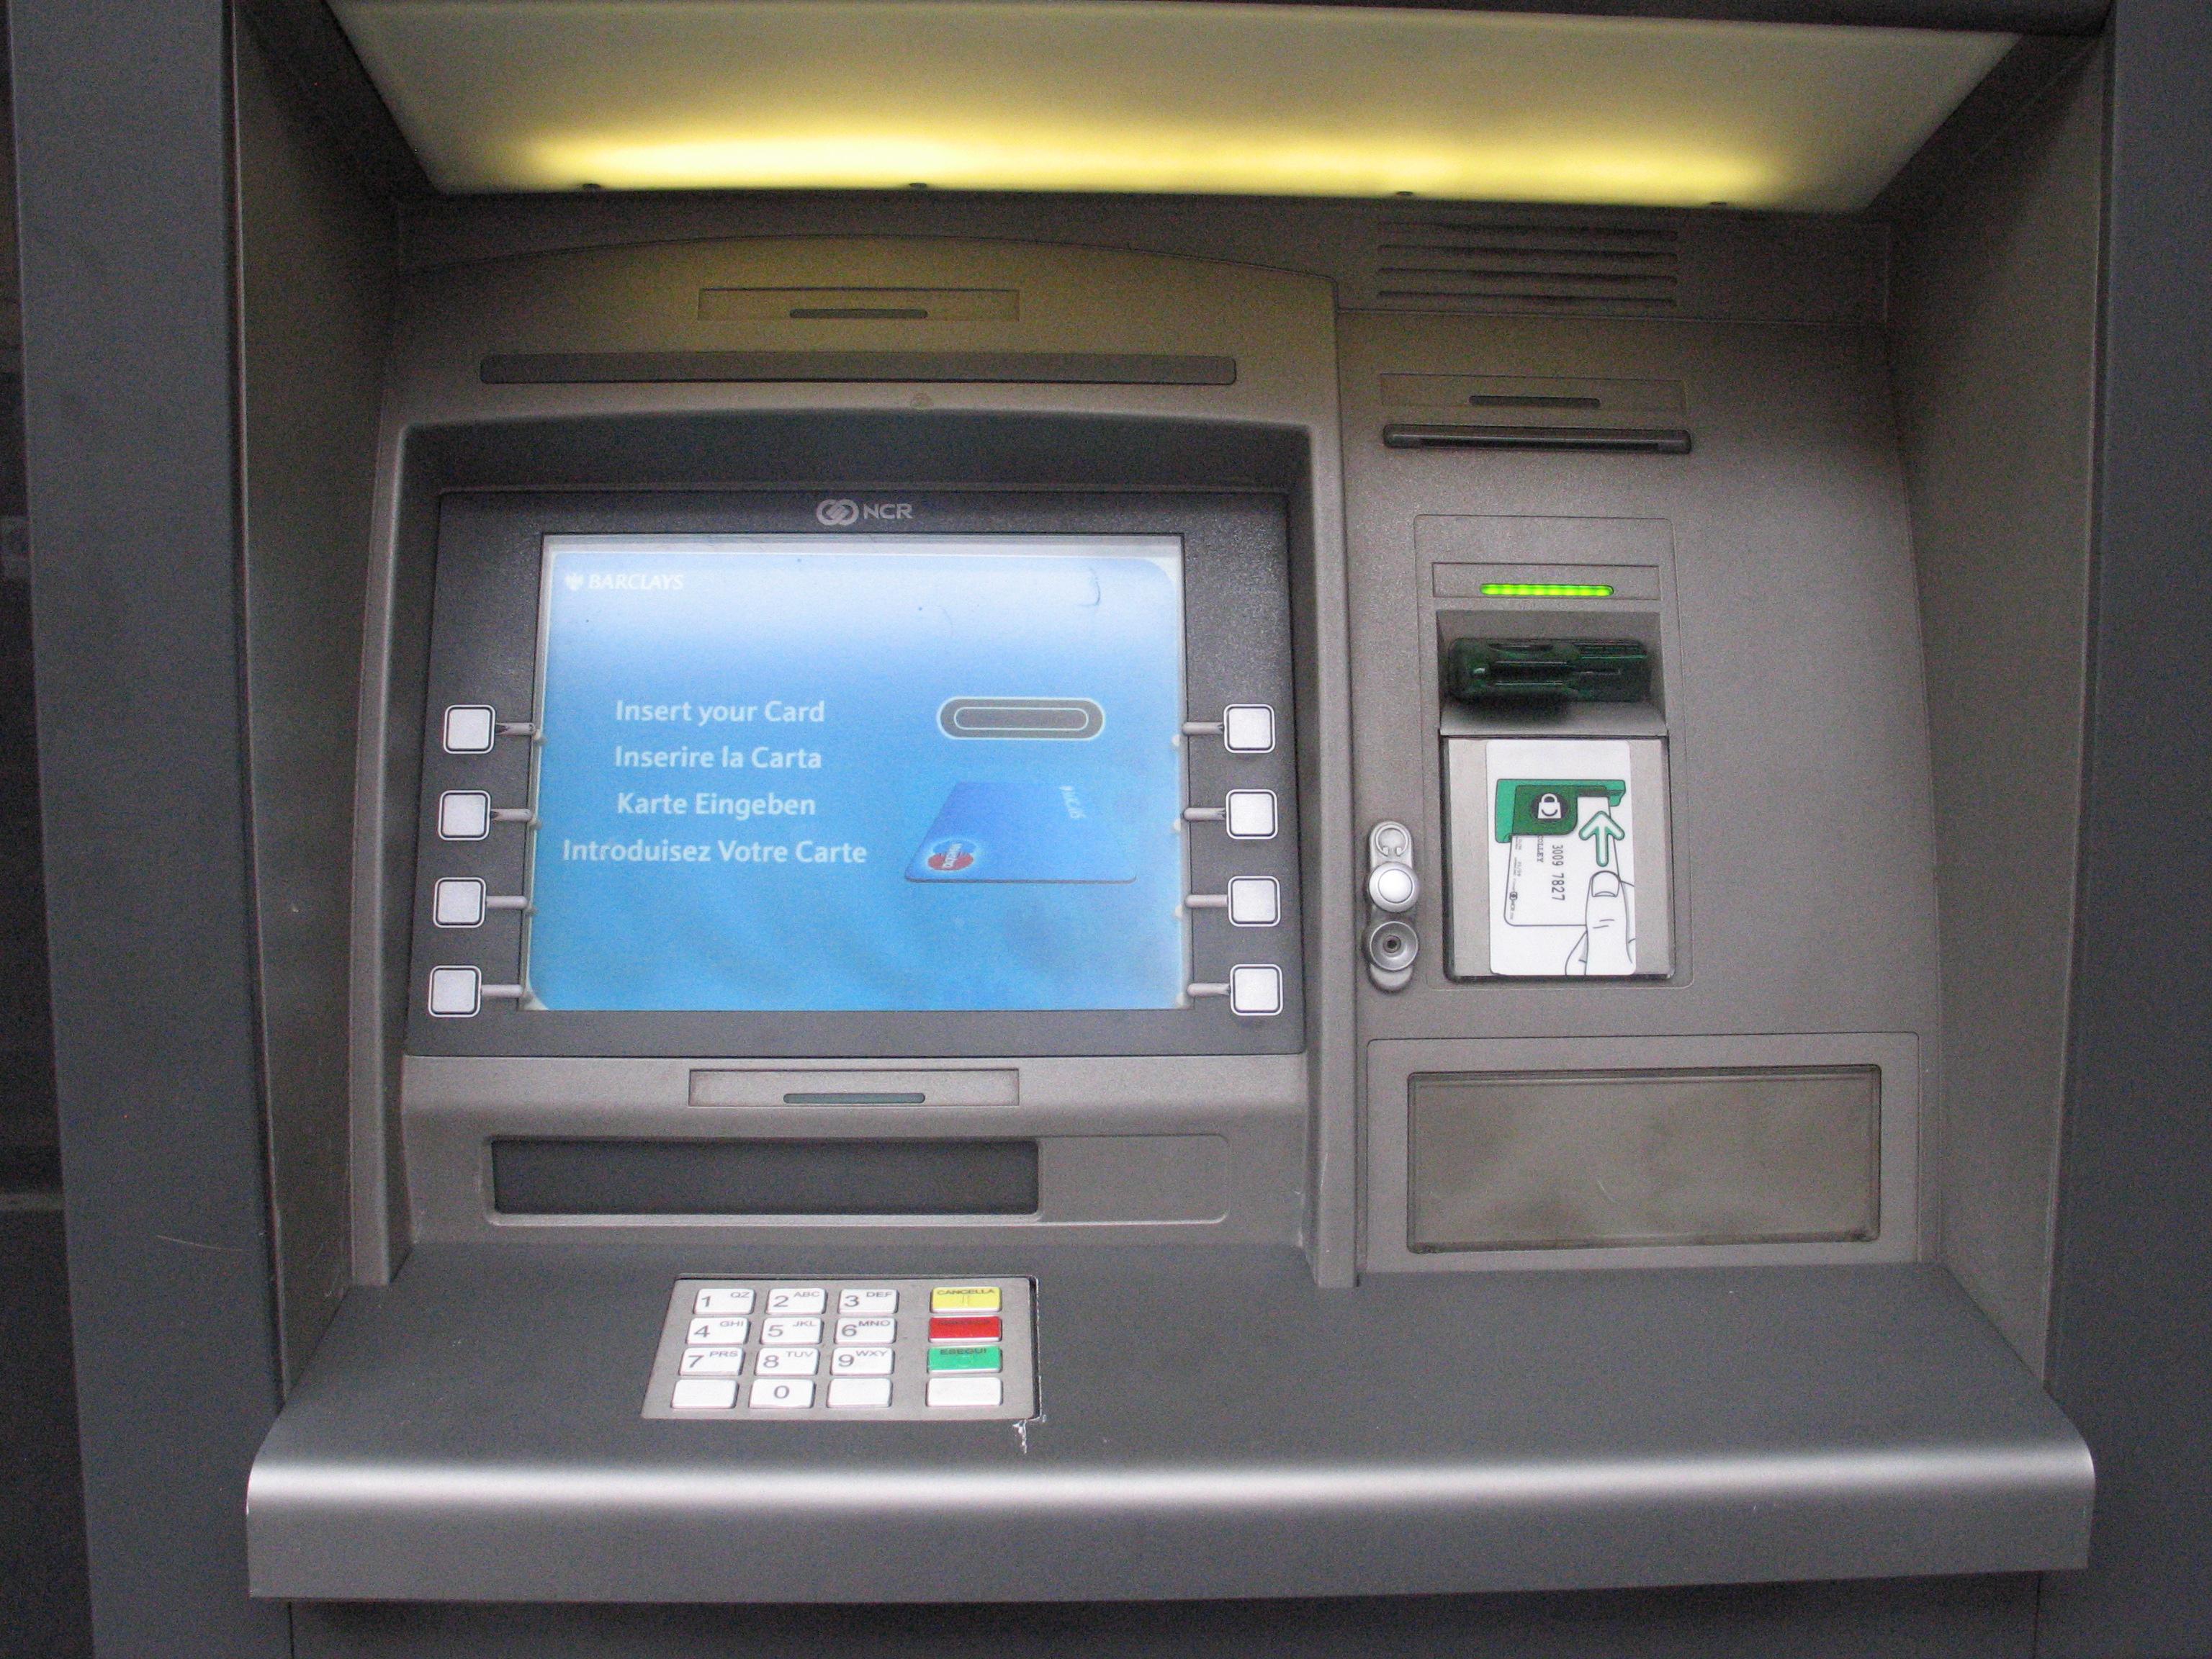 Avellino| Si appropria di 600 euro da un bancomat, 55enne denunciato per furto aggravato